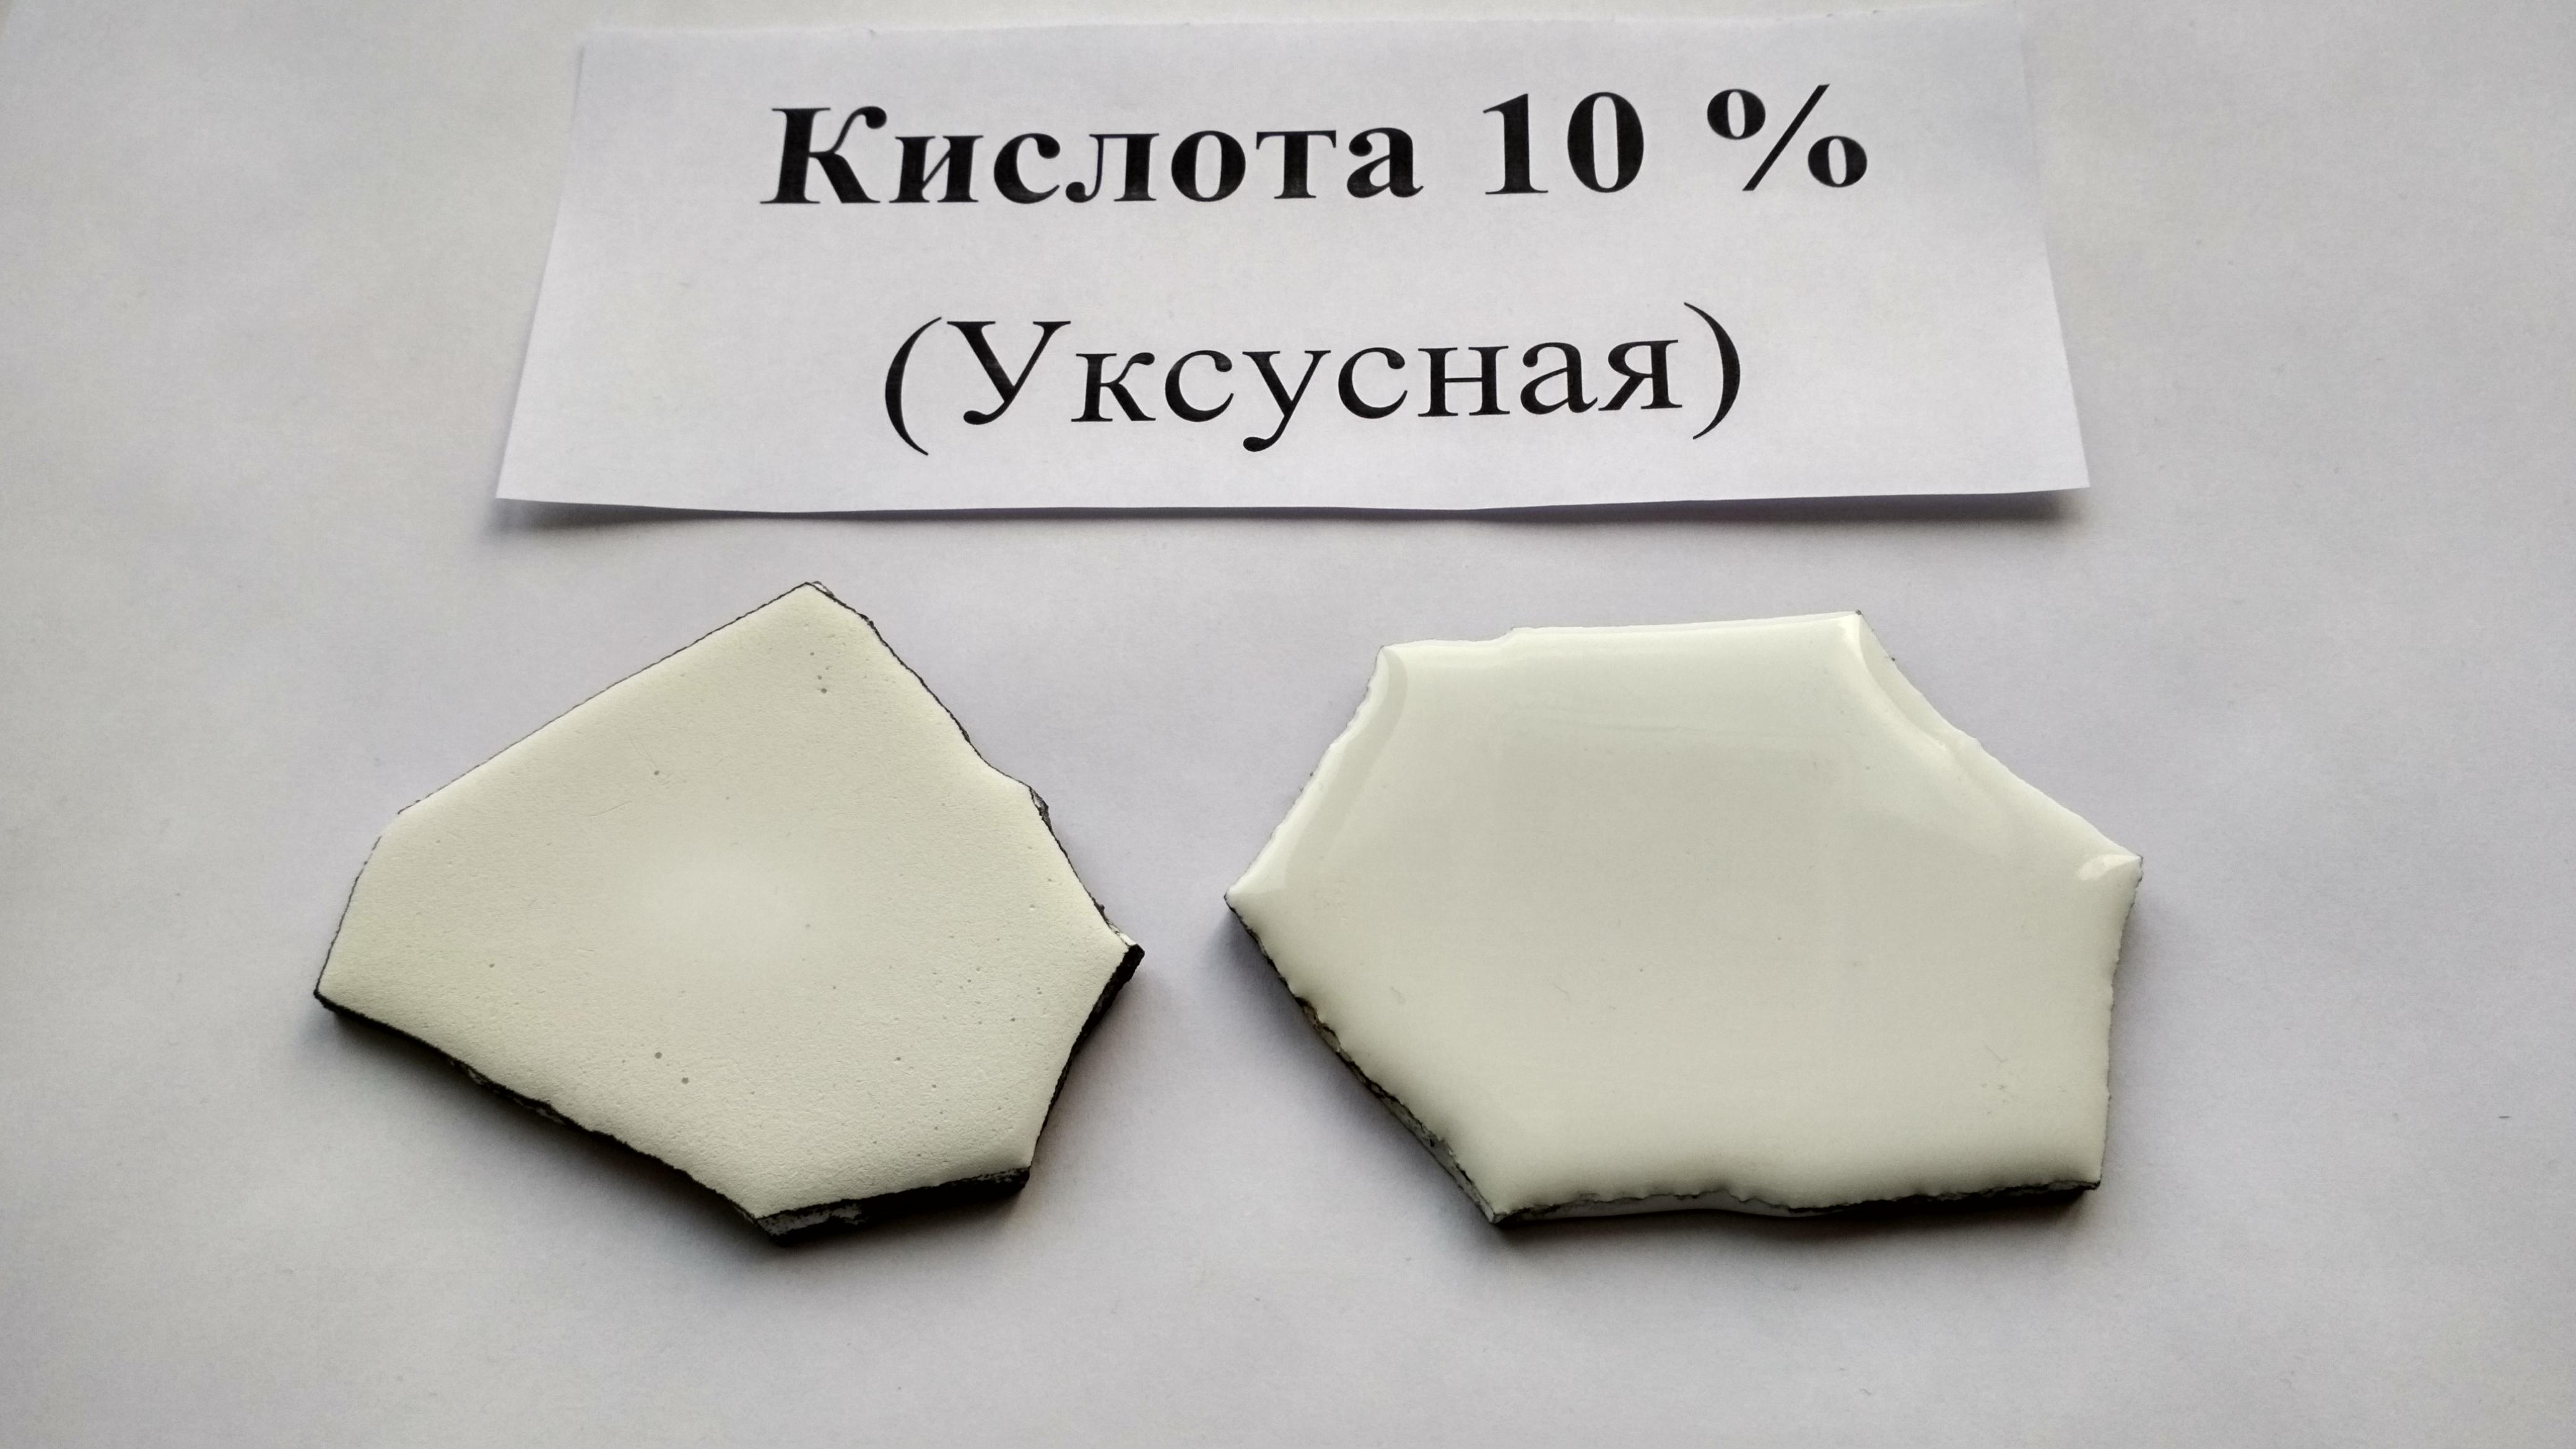 Чугунные пластинки после воздействия 10 % уксусной кислоты в течение 24 часов